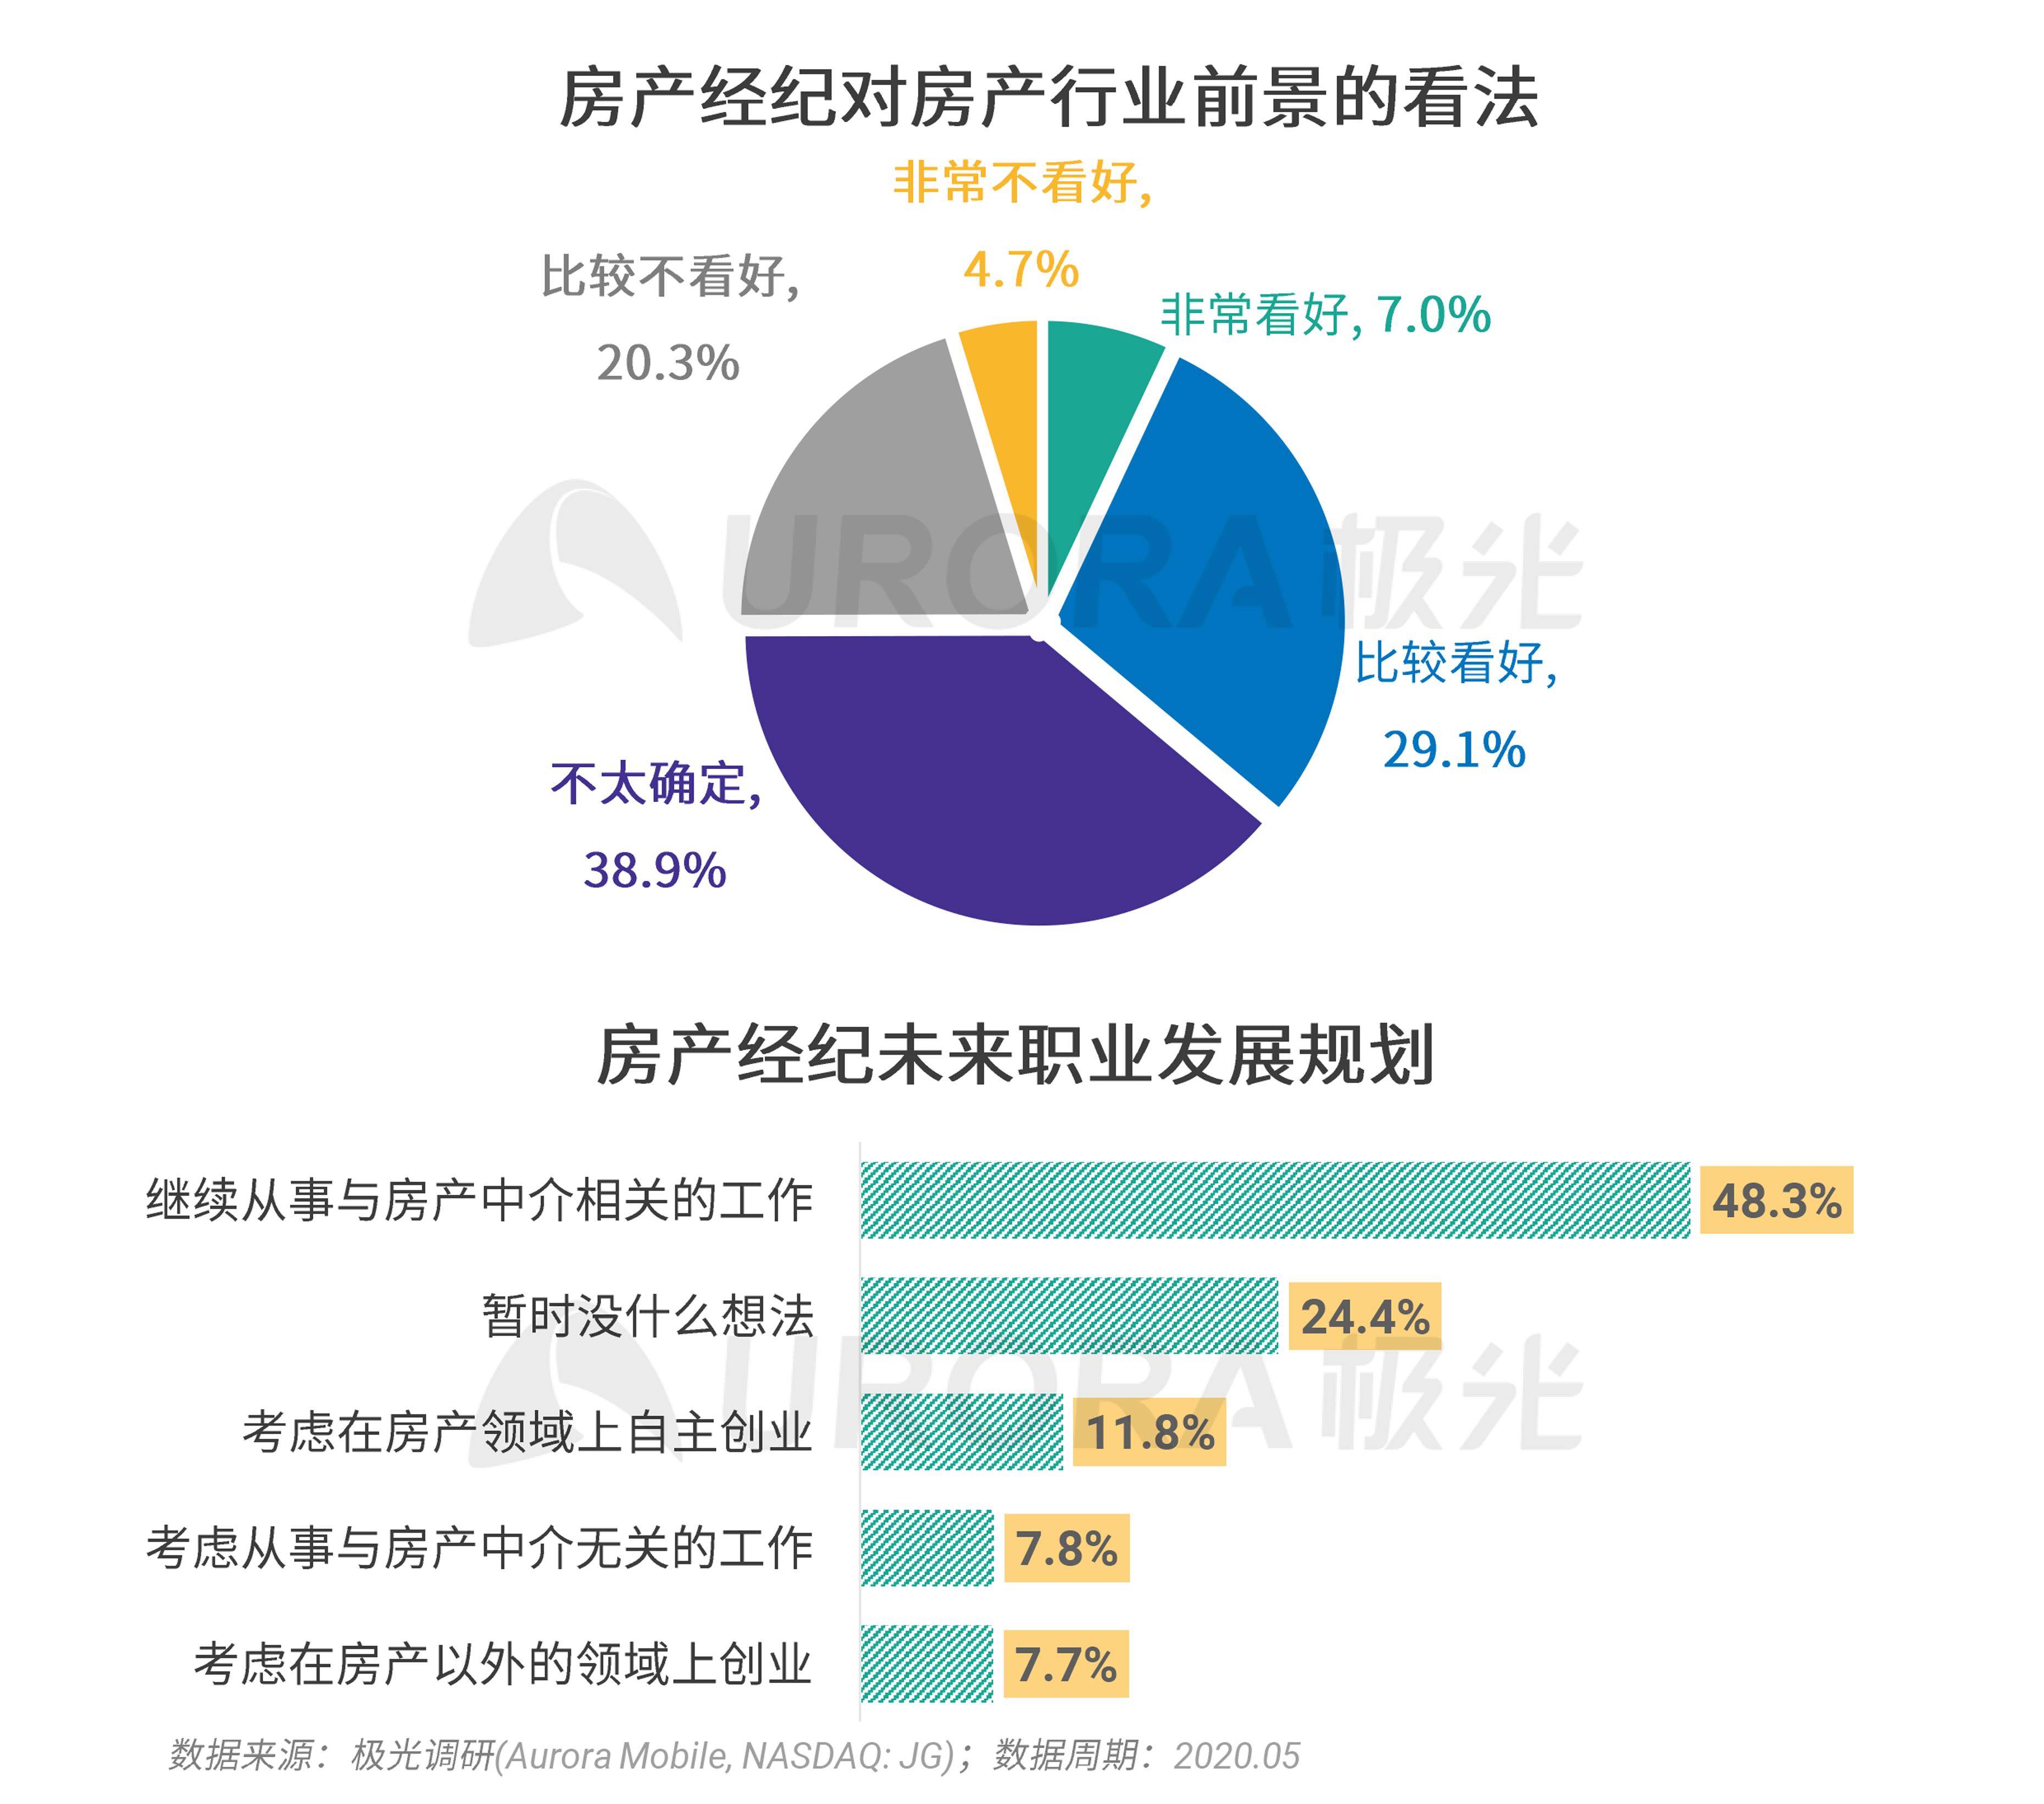 极光:2020年房产经纪行业和购房市场洞察报告 (23).png